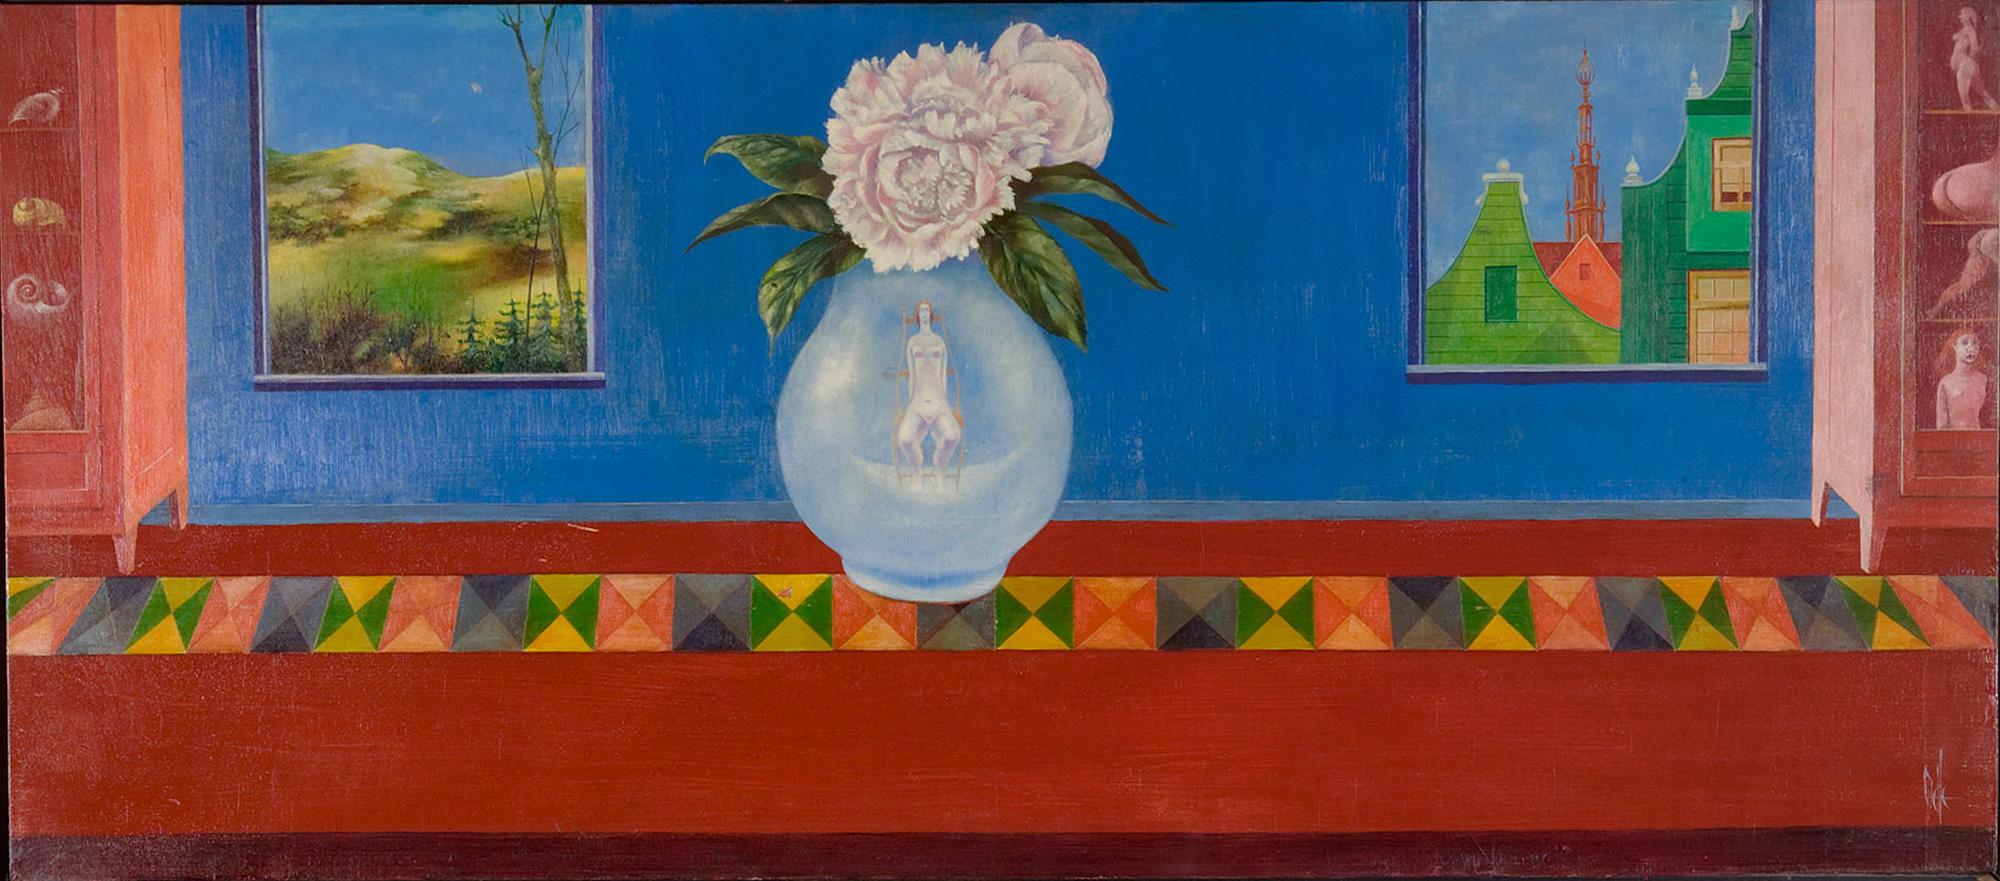 Melle schilder   Blauw interieur, olieverf op Paneel